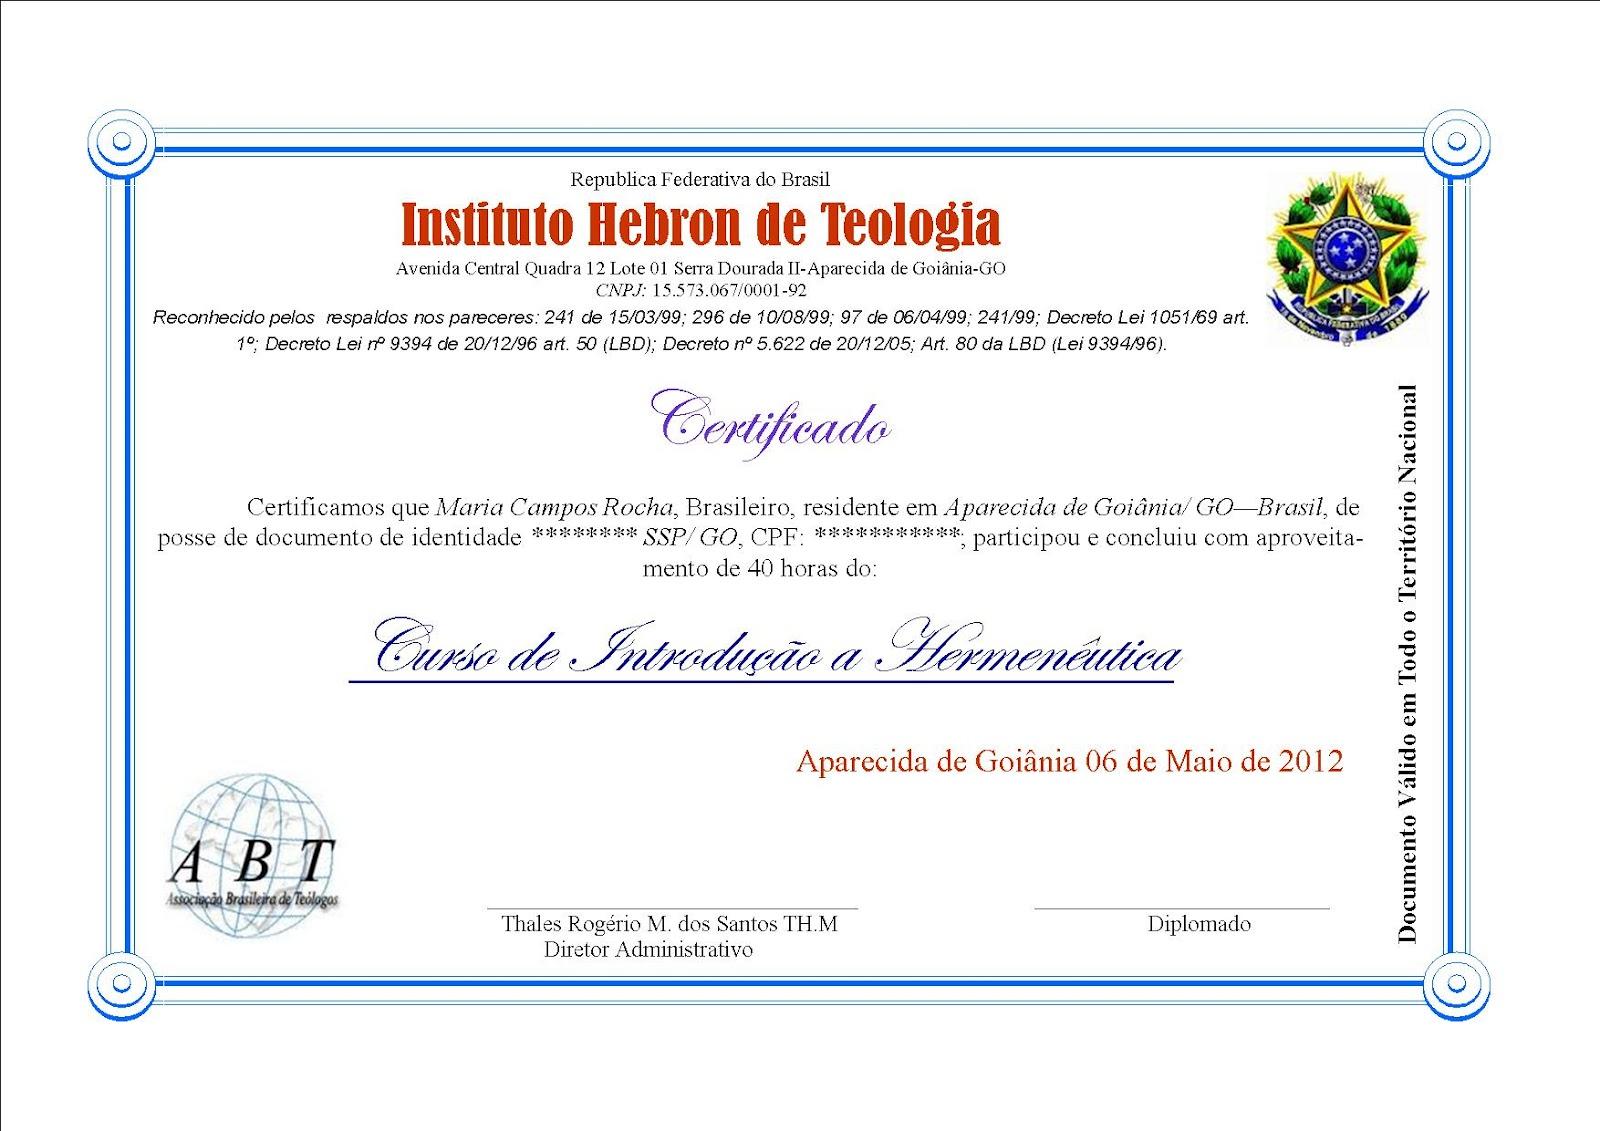 Modelo+do+Certificado+do+curso+de+Introdu%C3%A7%C3%A3o+a+Hermen%C3%AAutica.jpg